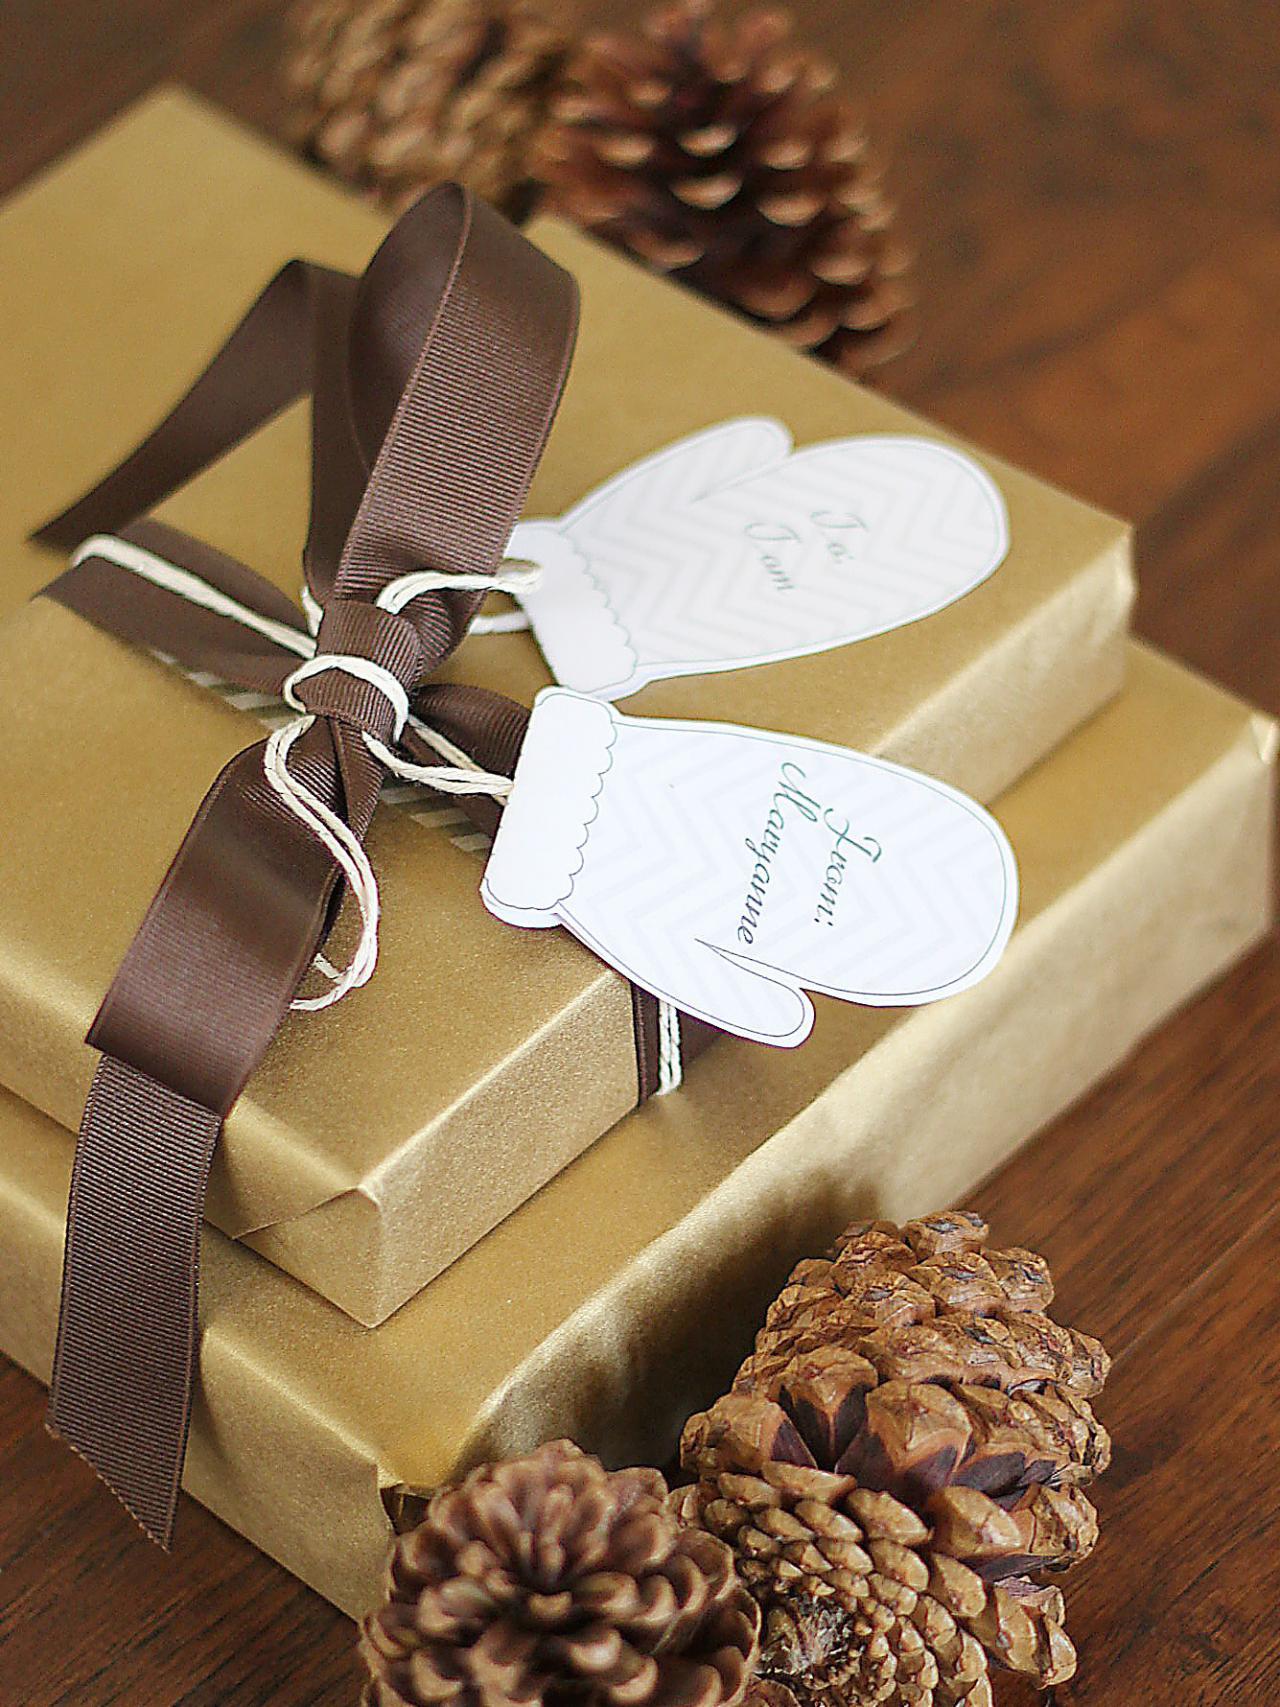 CI-Kori-Clark_Christmas-Gift-Tag-Mittens1_v.jpg.rend.hgtvcom.1280.1707